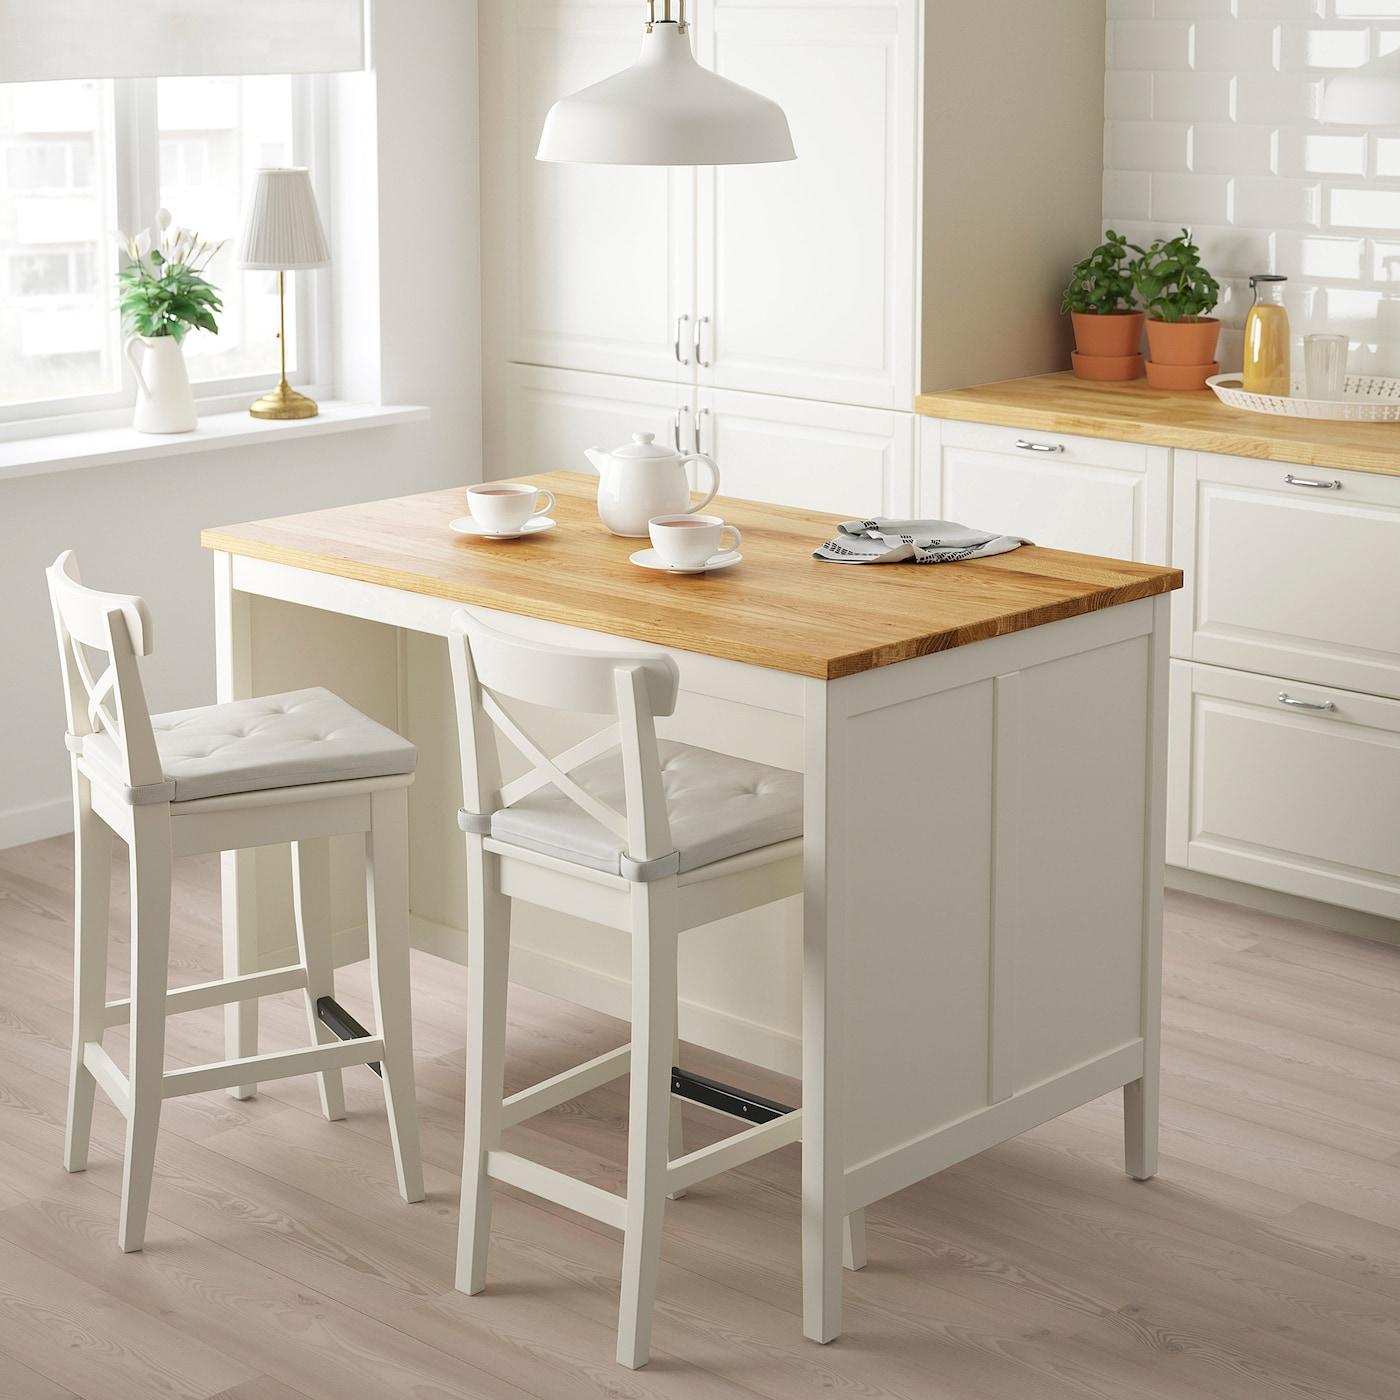 TORNVIKEN Îlot pour cuisine - blanc cassé/chêne 11x11 cm